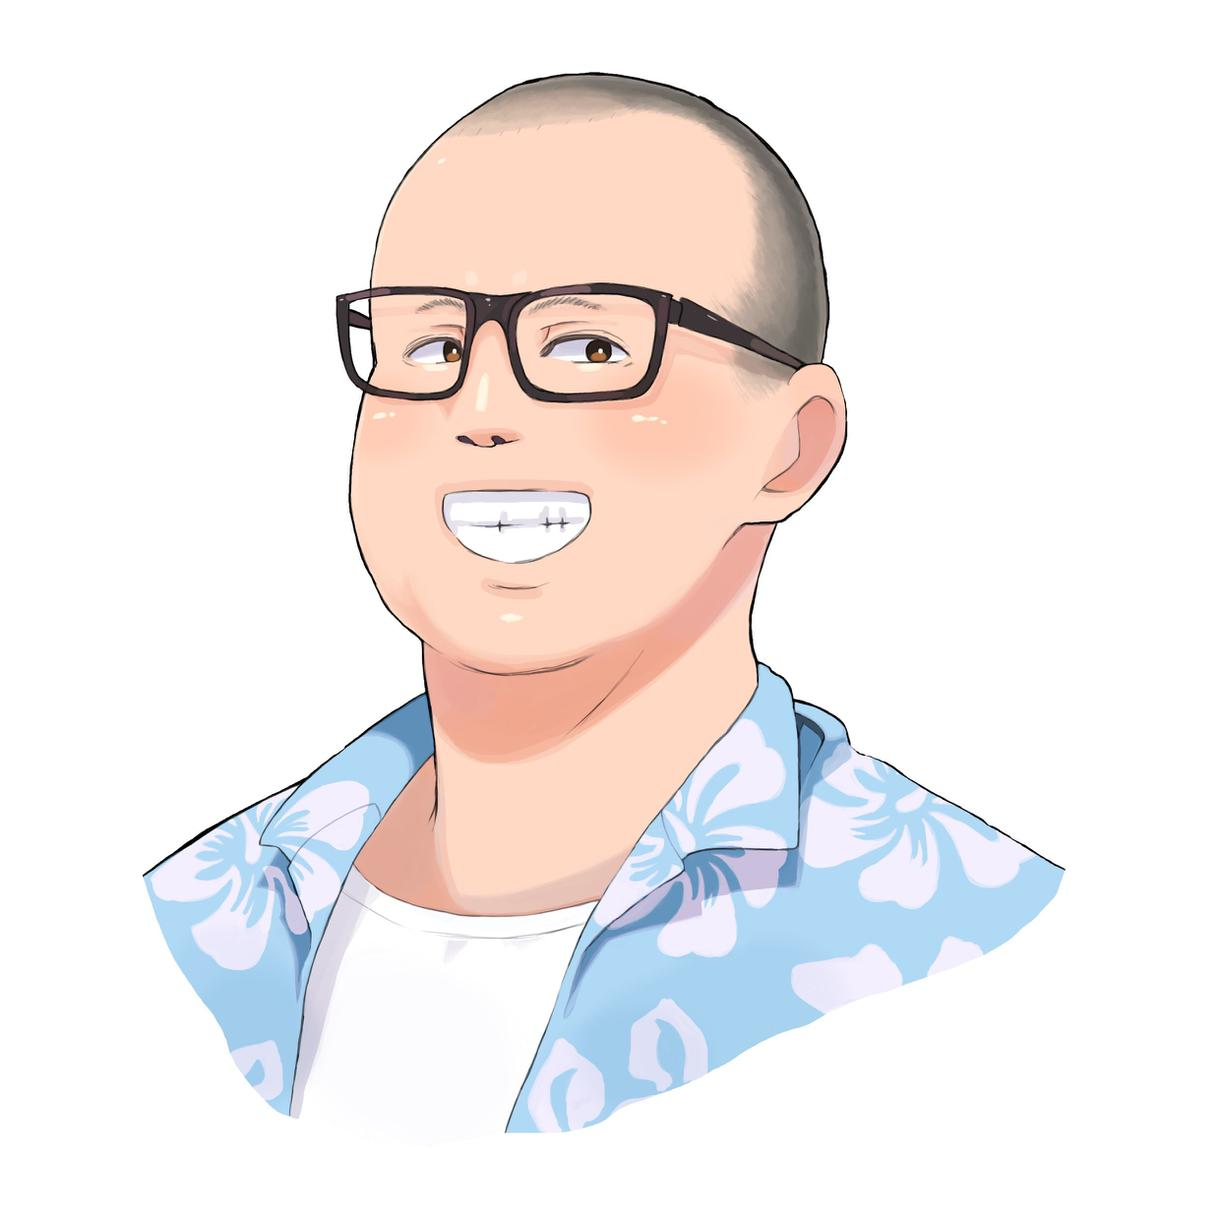 アイコンかわいくお描きします ☆ヘッダー・ブログ・HP・名刺にもどうぞ!